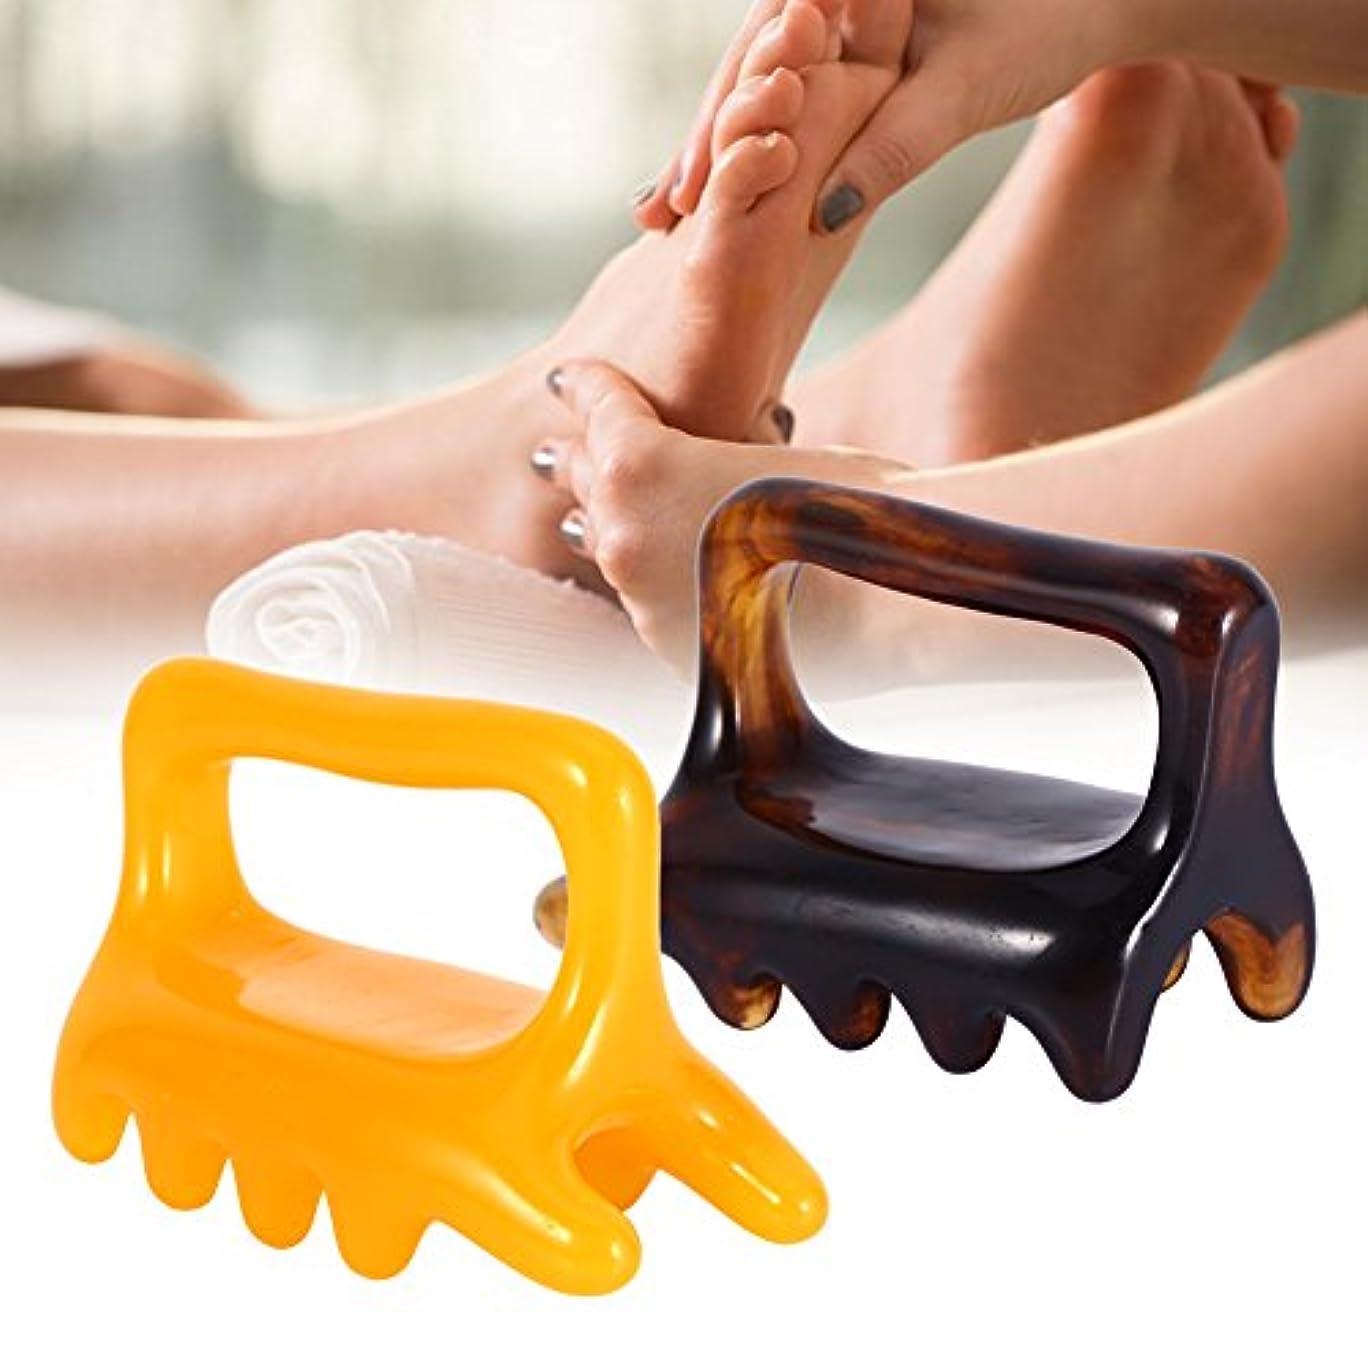 大人ルネッサンス凍結1pc Face/Body Massage resin Gua Sha acupress toolオカリナ型 カッサ ツボ押し蜜蝋 マッサジ棒 (Yellow)